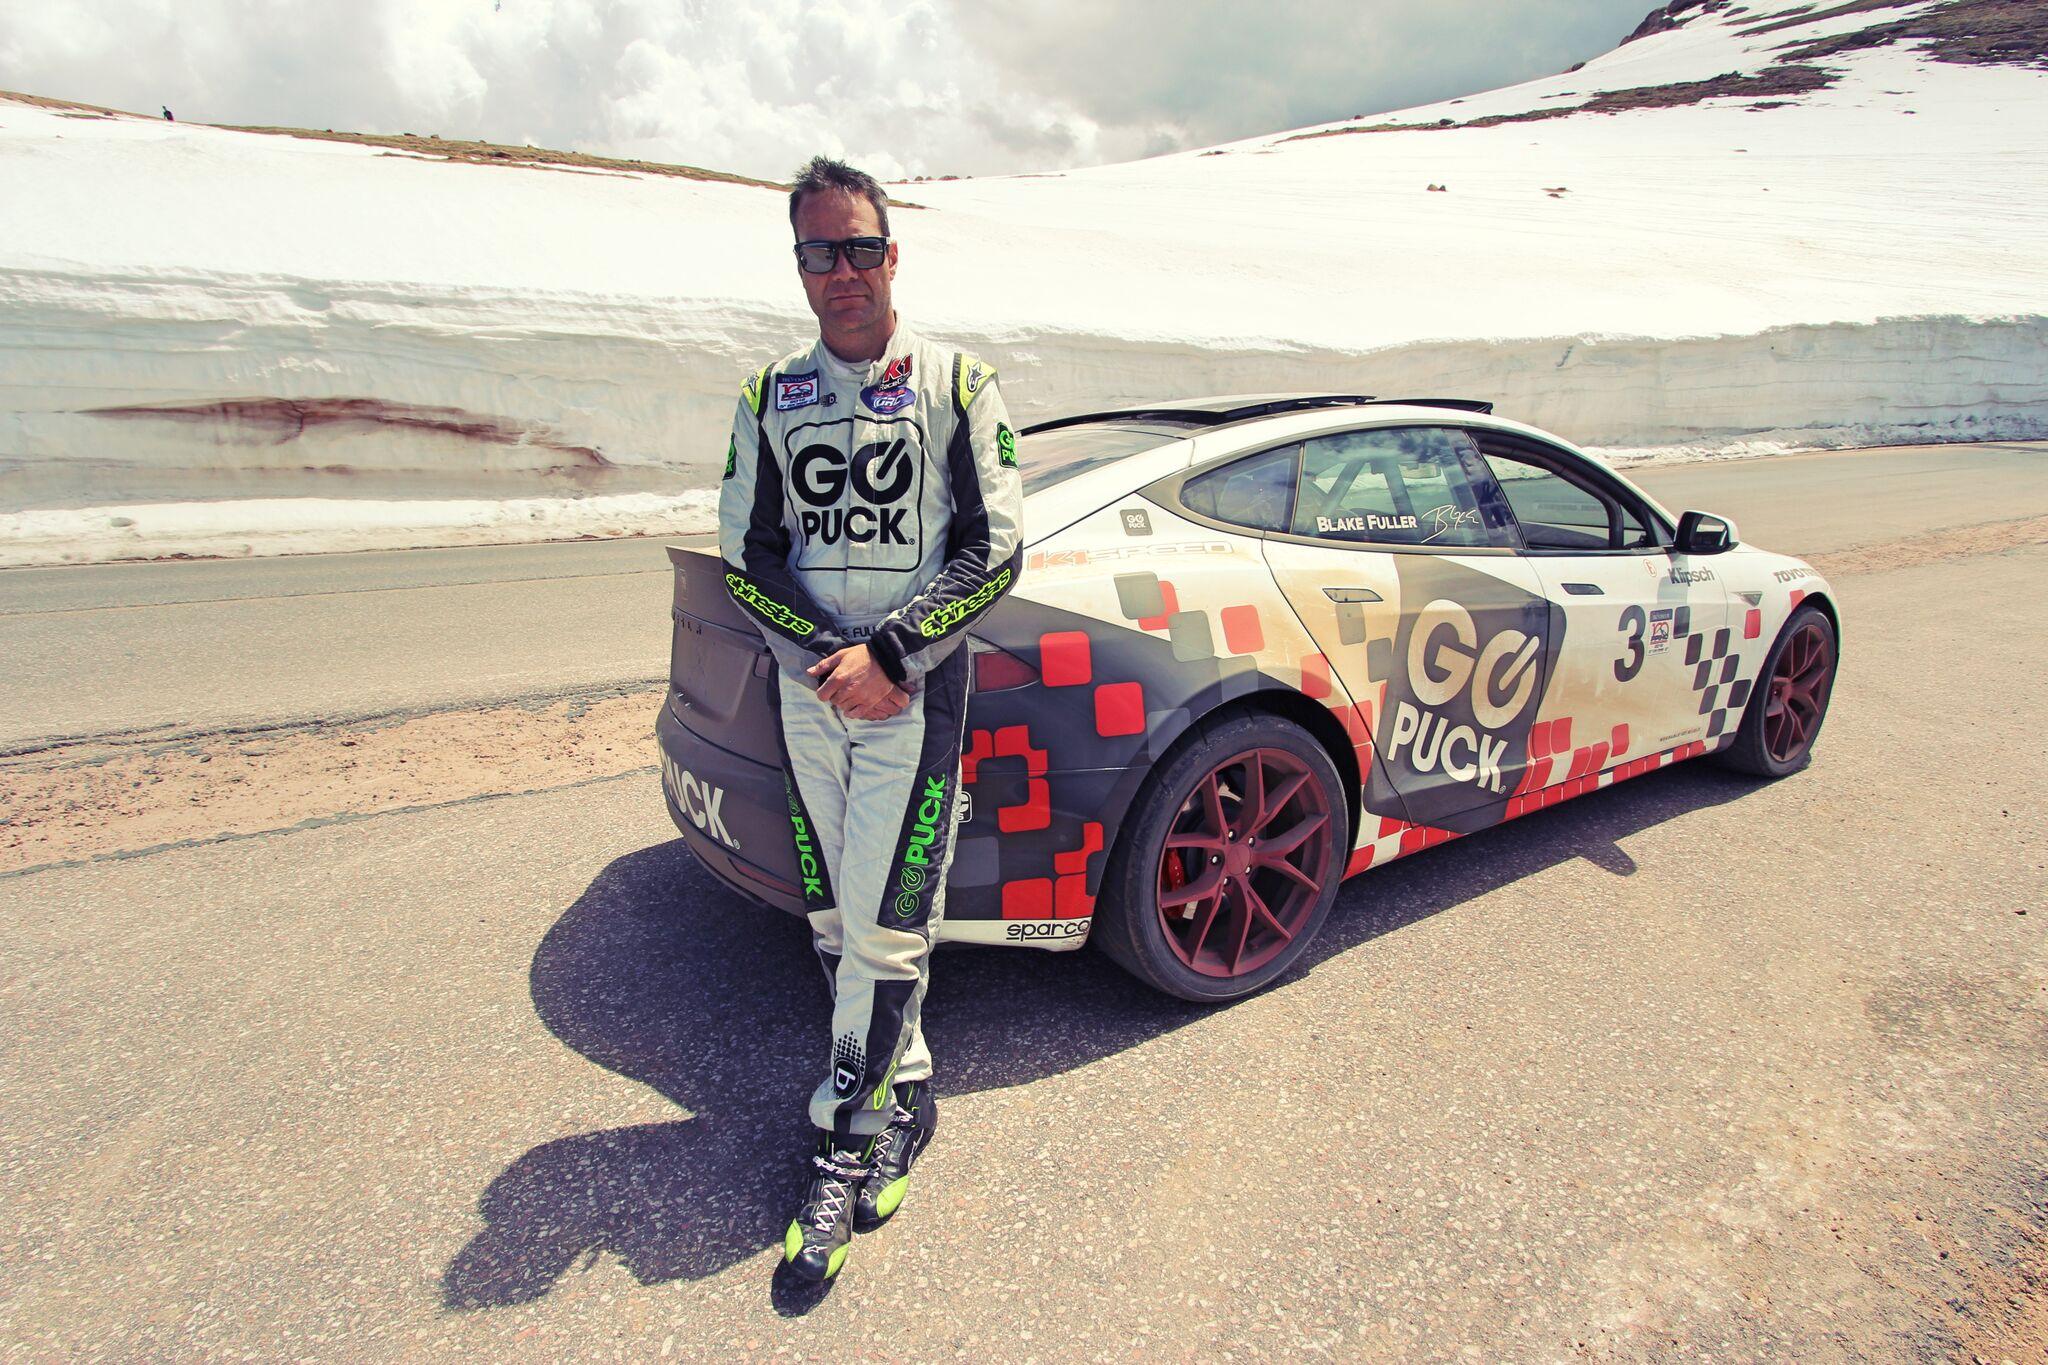 blake fuller and his tesla model s p90 racing car at pikes peak